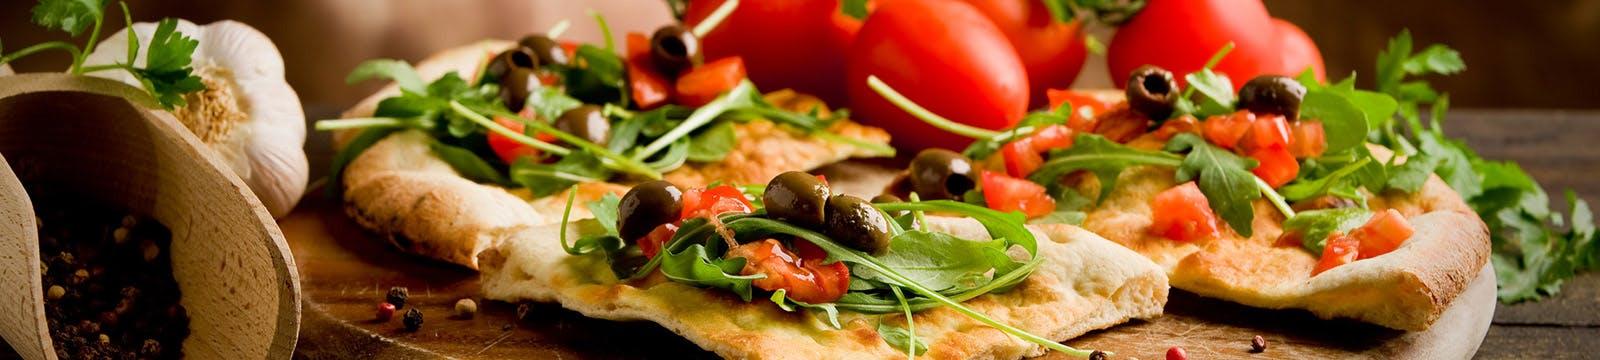 Oprócz pizzy oferujemy inne włoskie dania, zupy, sałatki i przekąski